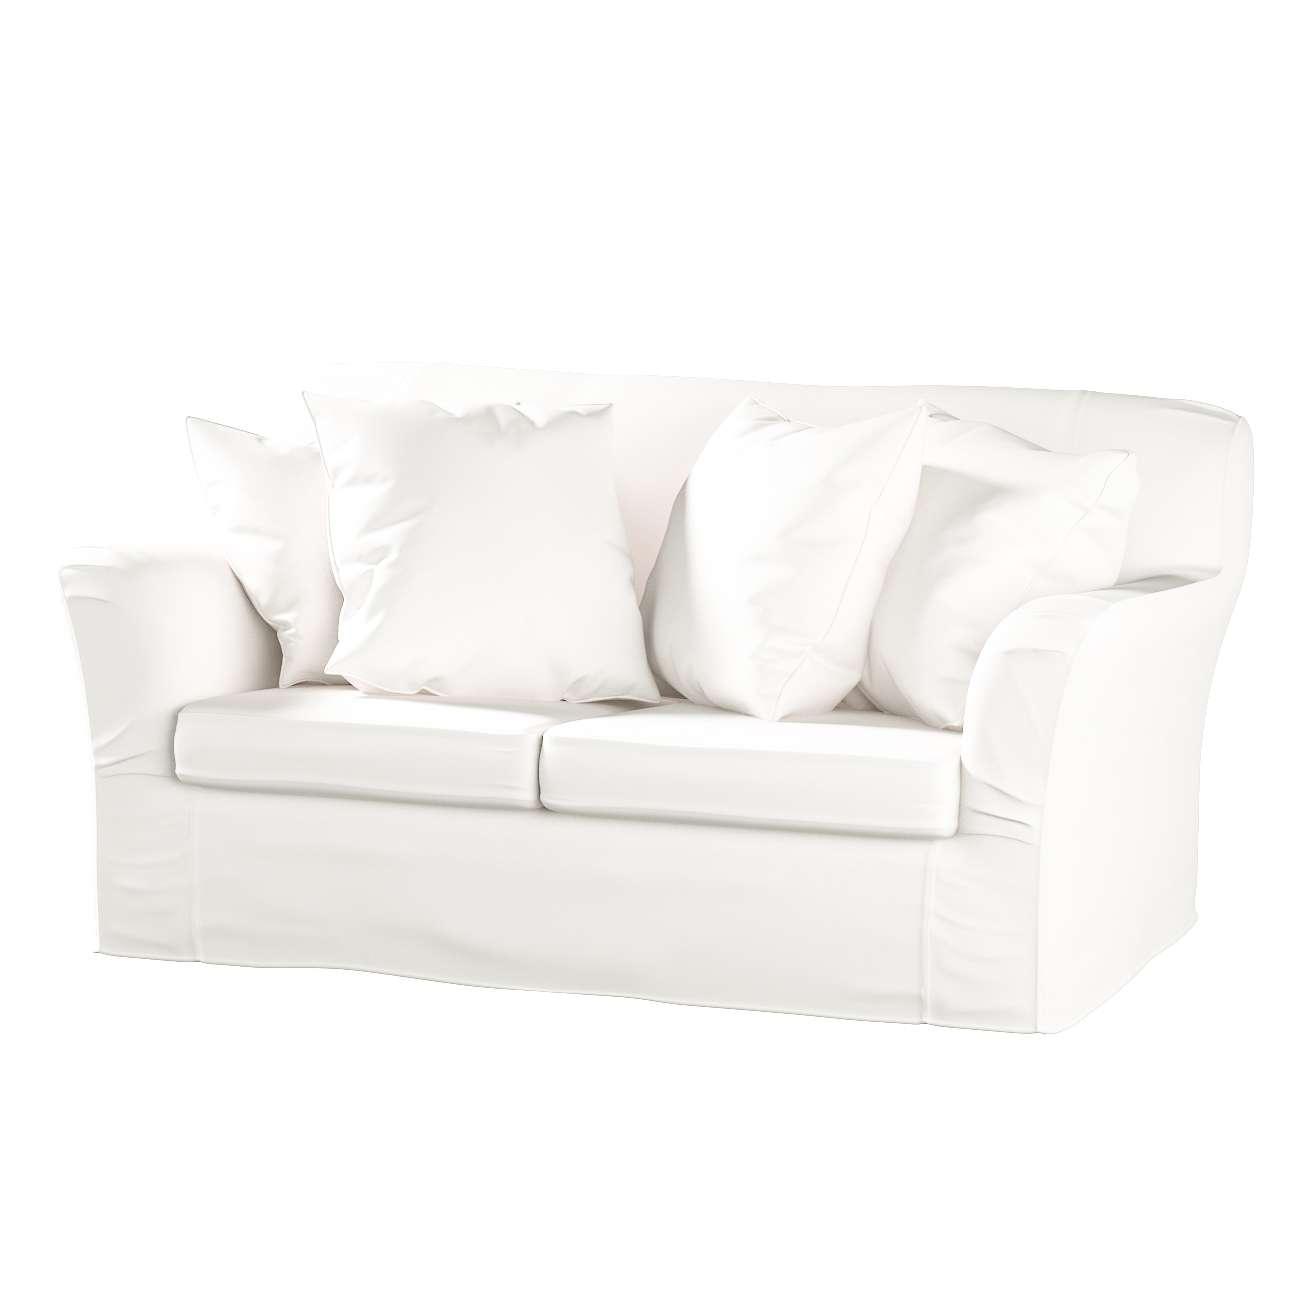 Tomelilla 2-Sitzer Sofabezug nicht ausklappbar Sofahusse, Tomelilla 2-Sitzer von der Kollektion Cotton Panama, Stoff: 702-34